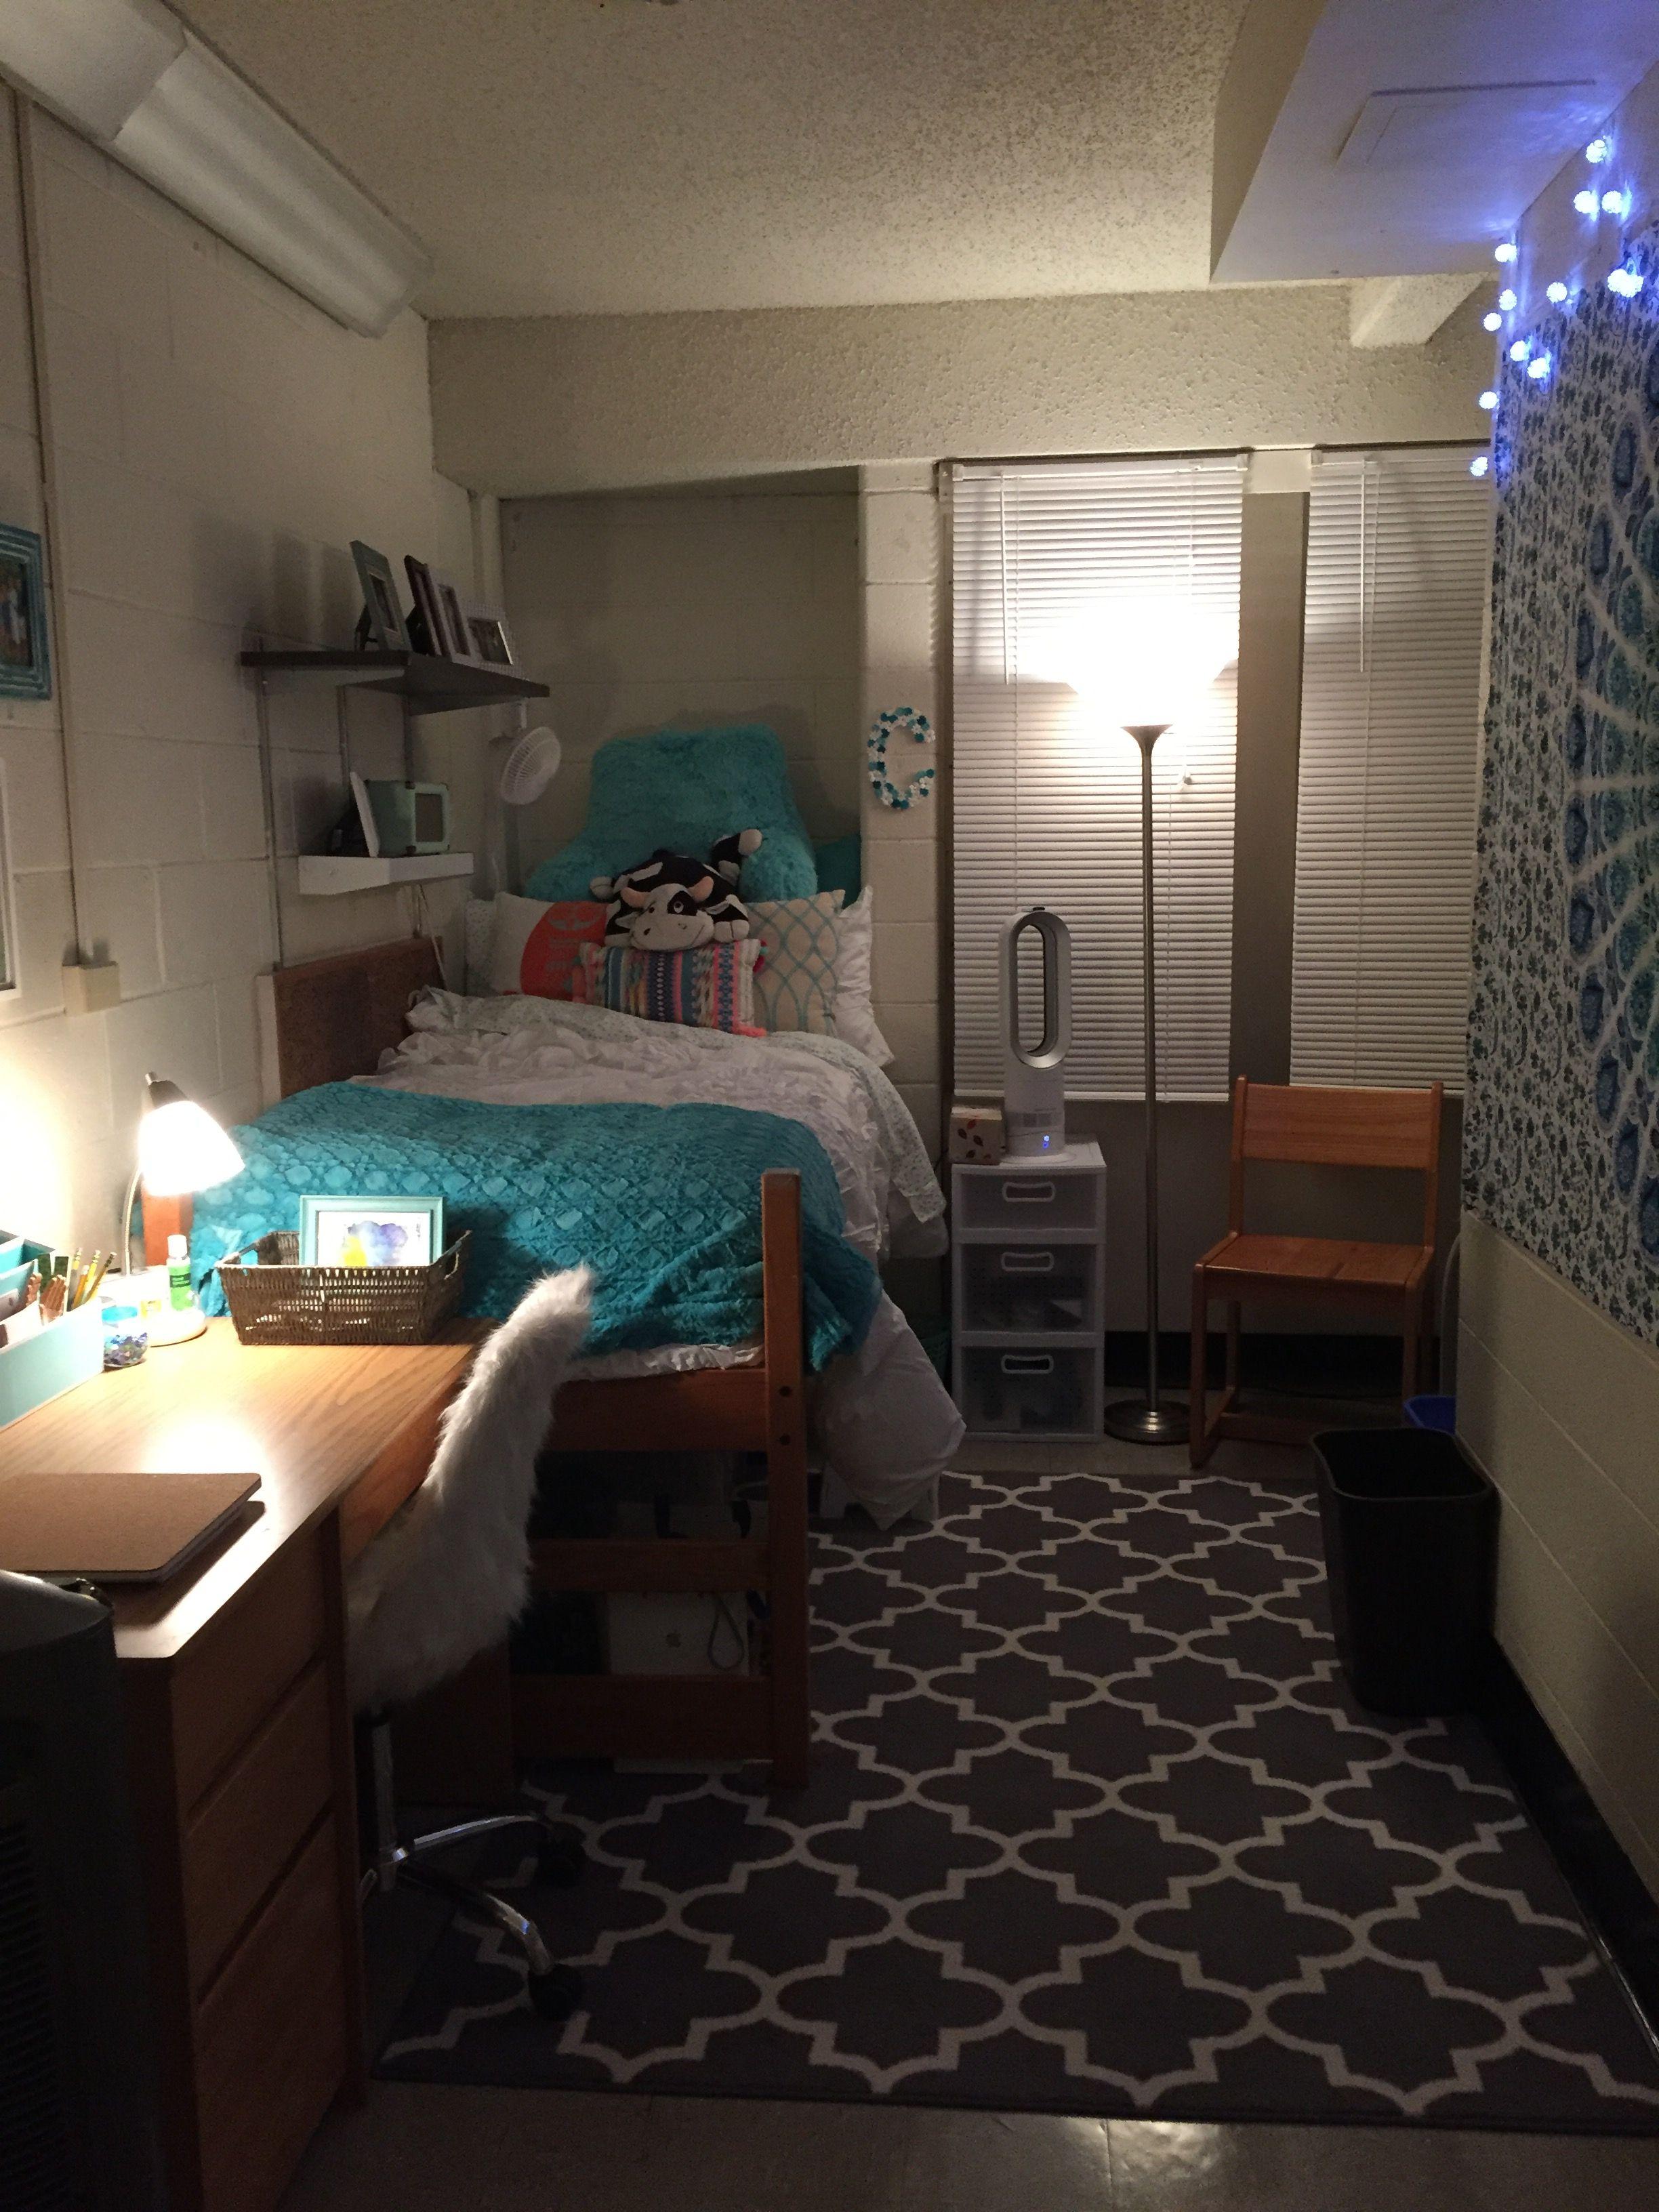 Pin von Kirsten Pressler auf Dorm rooms | Pinterest